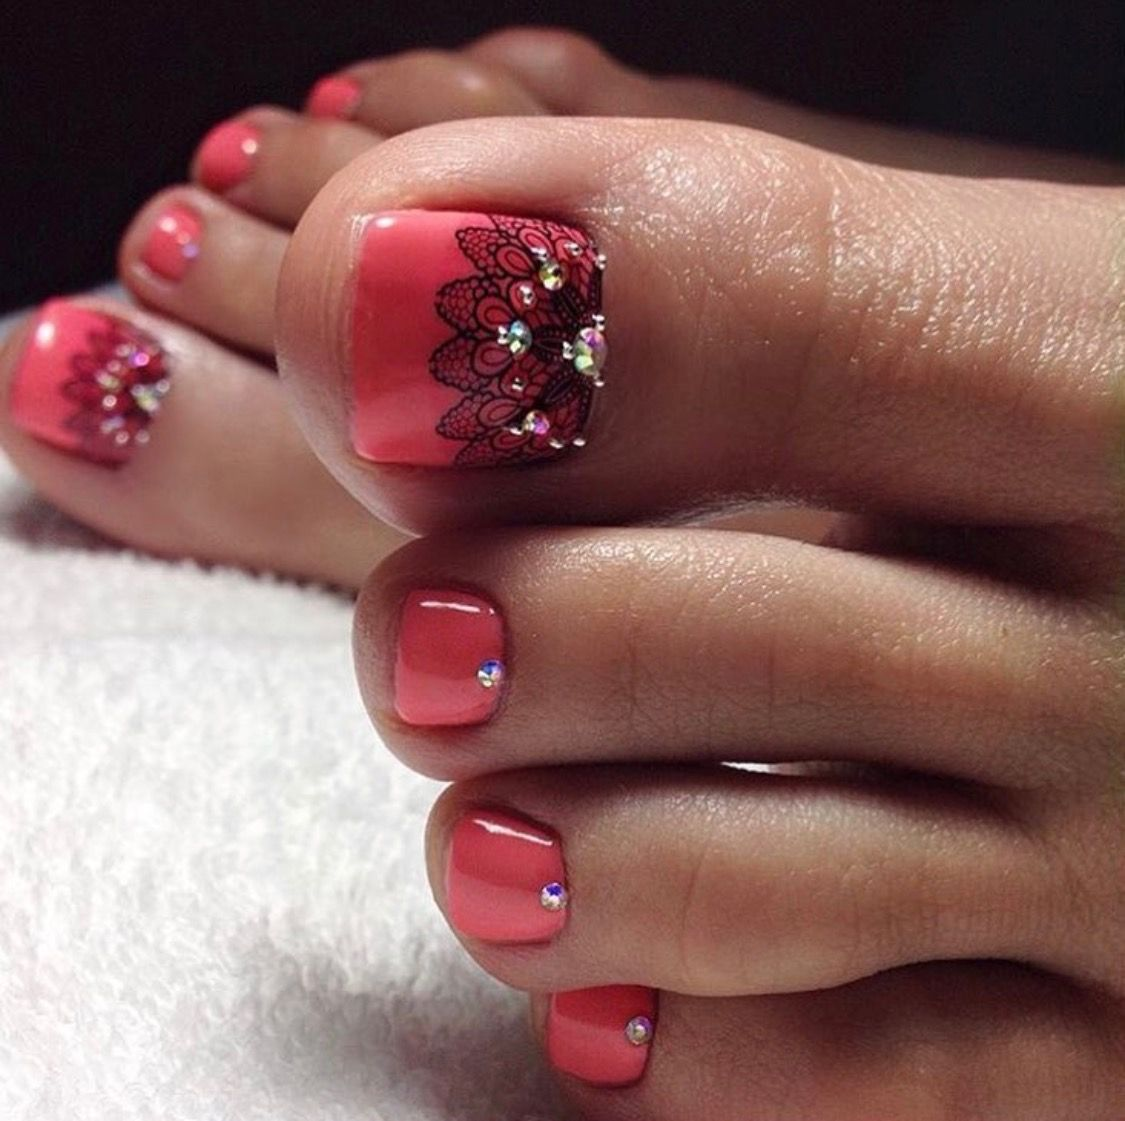 Pin by irina ruban on Nail | Pinterest | Pedicures, Toe nail designs ...